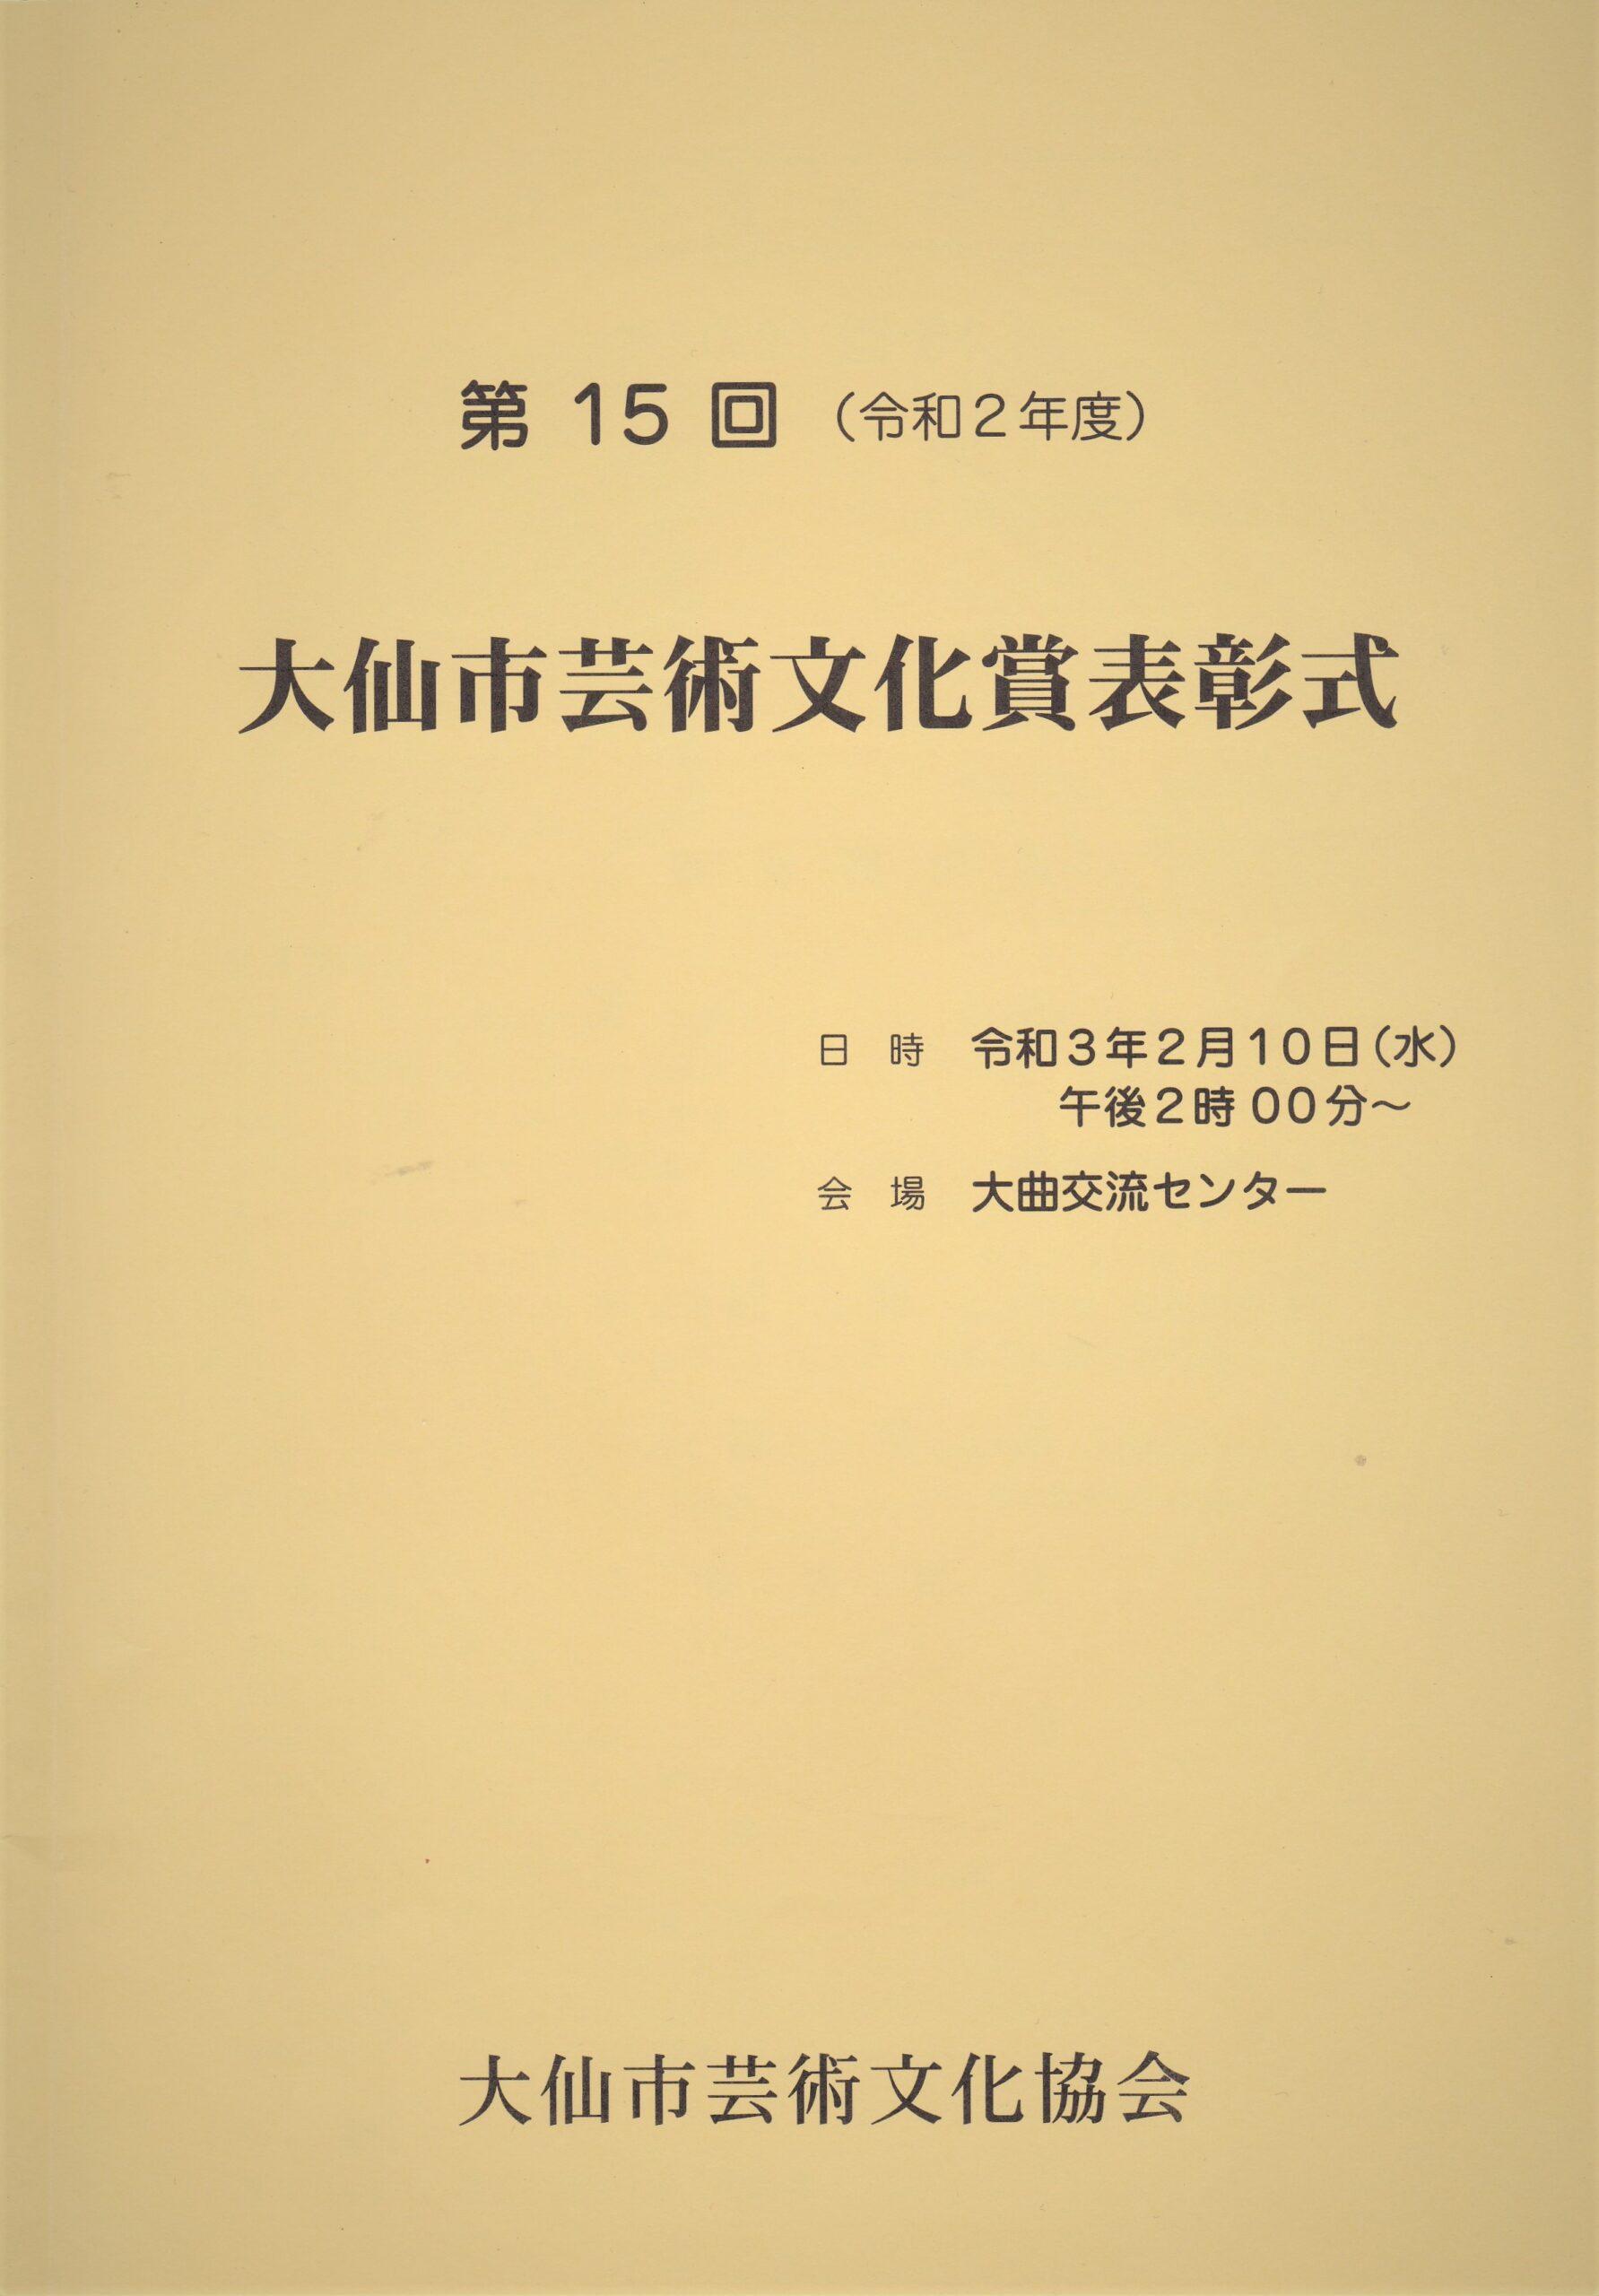 飯塚雅幸が「大仙市芸術文化賞・功労賞」を受賞いたしました。有り難うございます。